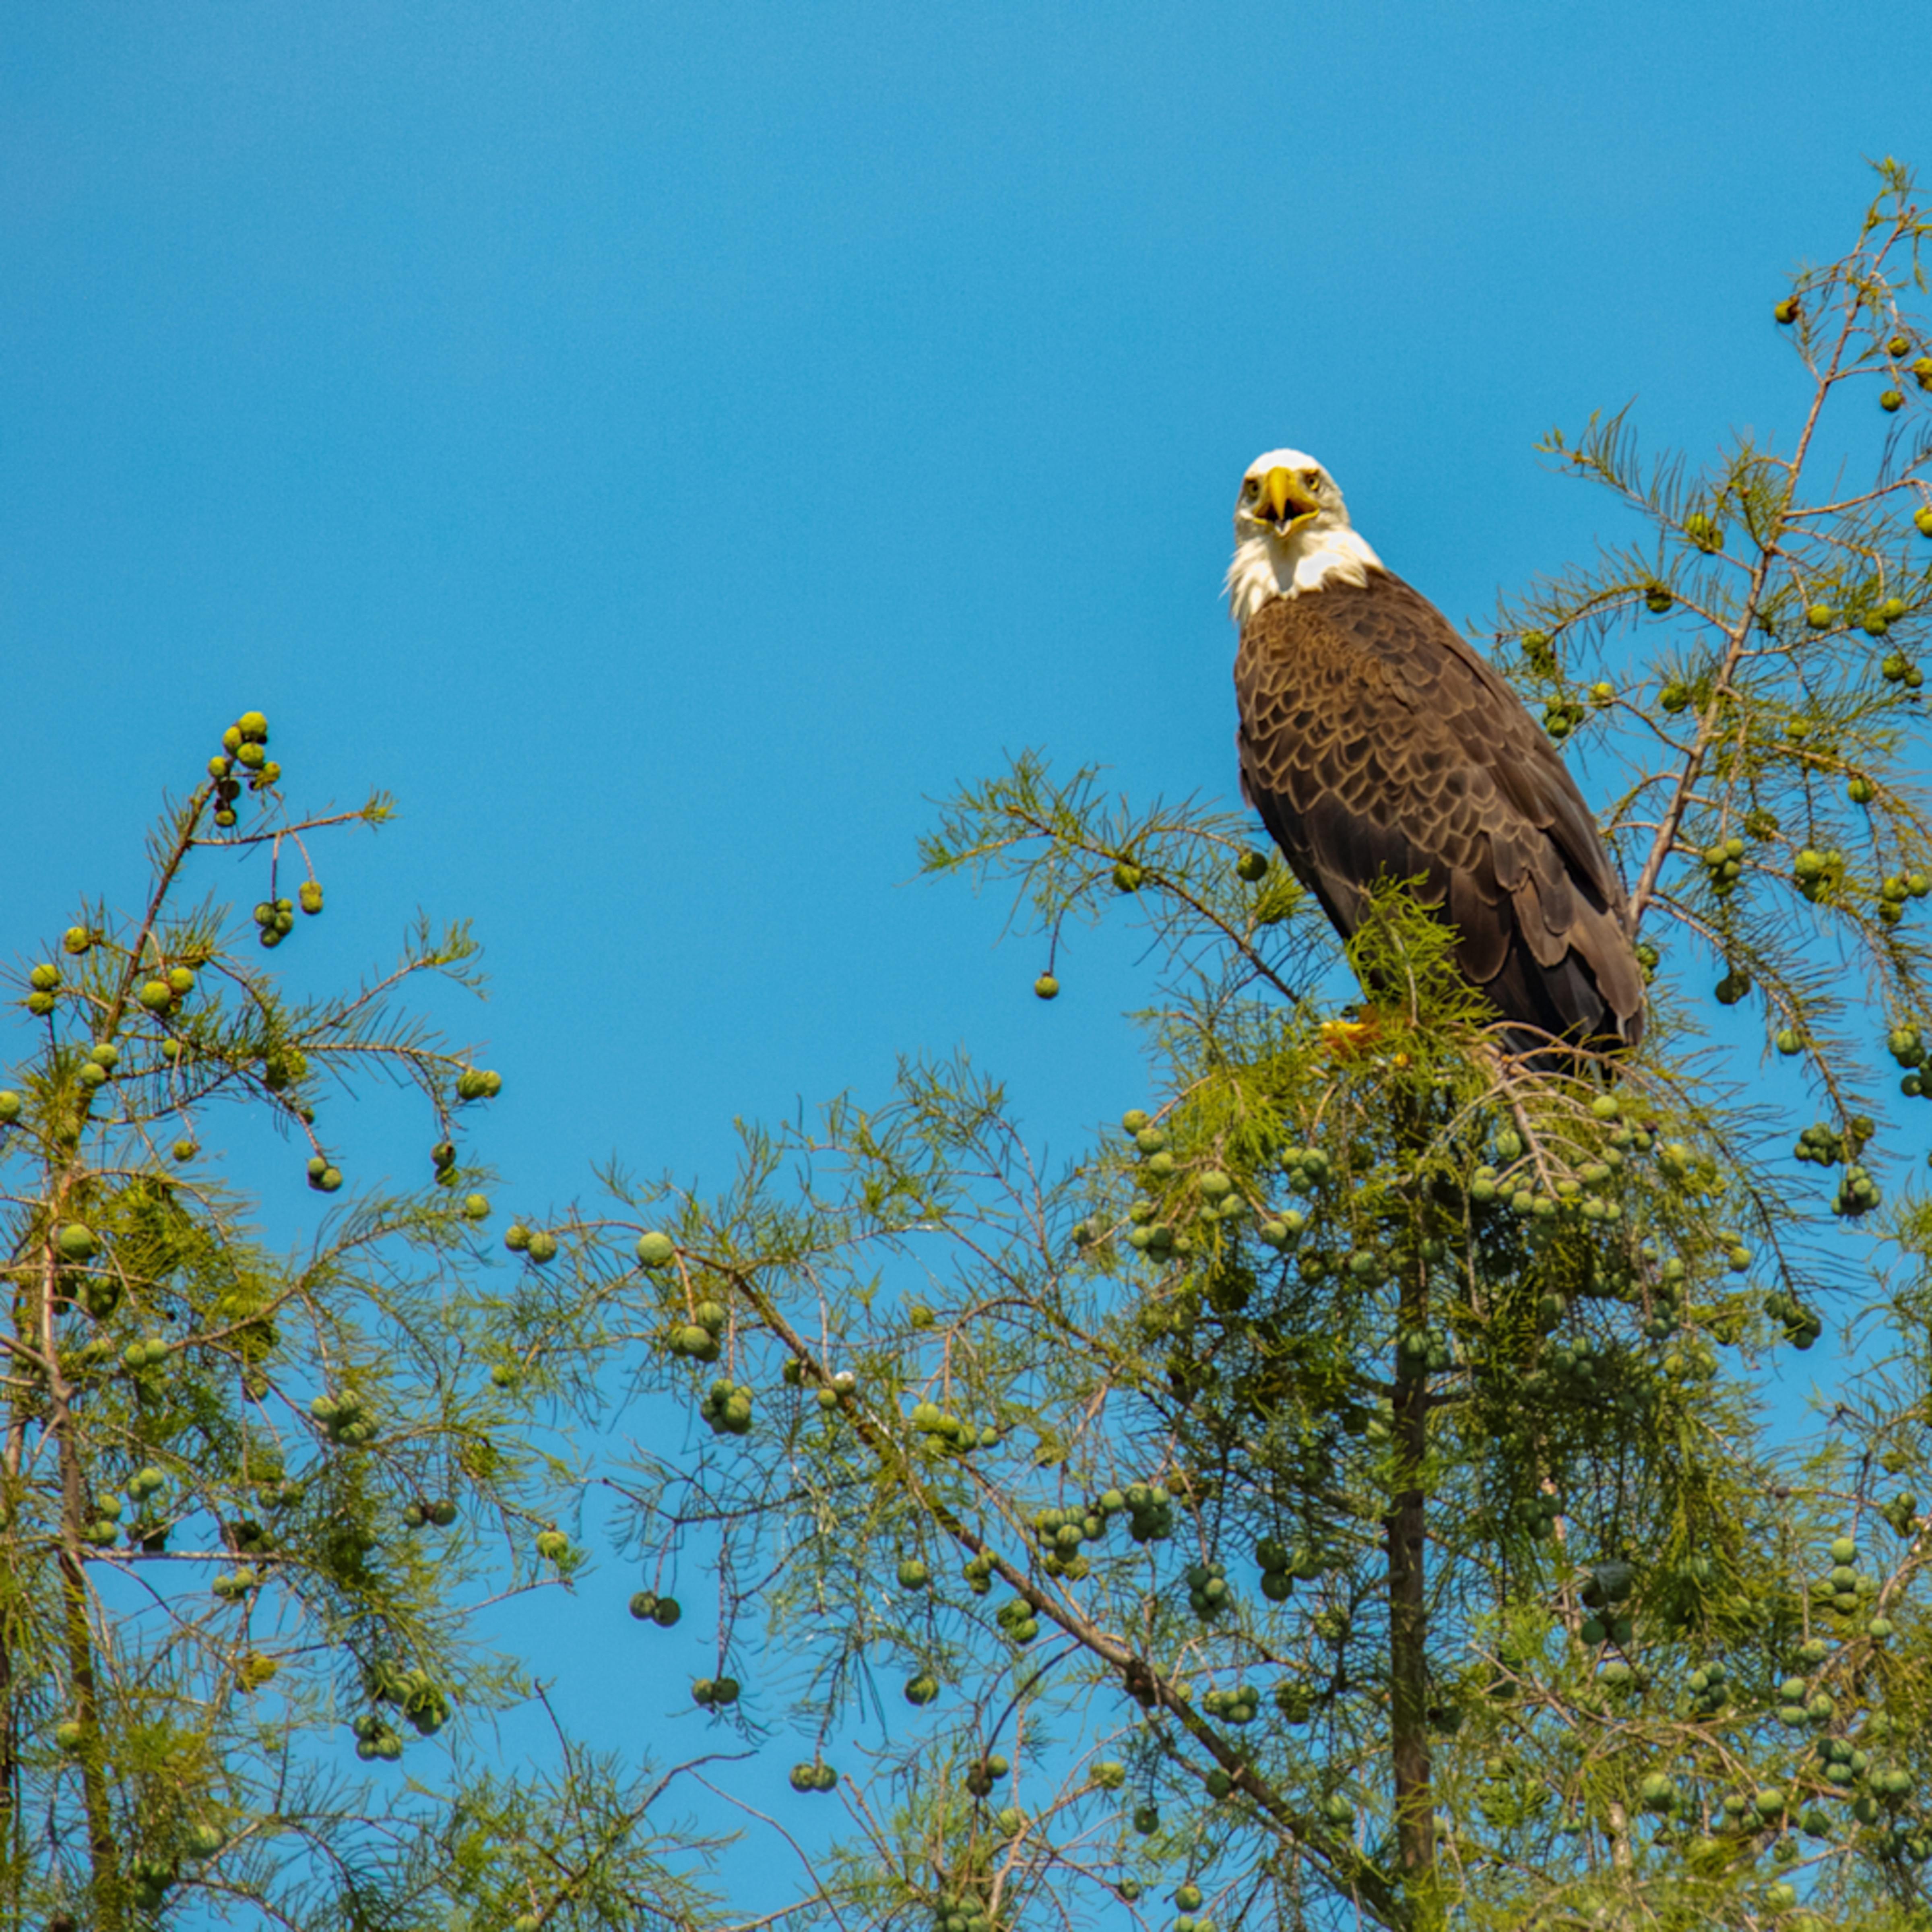 Bald eagle 8876 fss zc7nkj